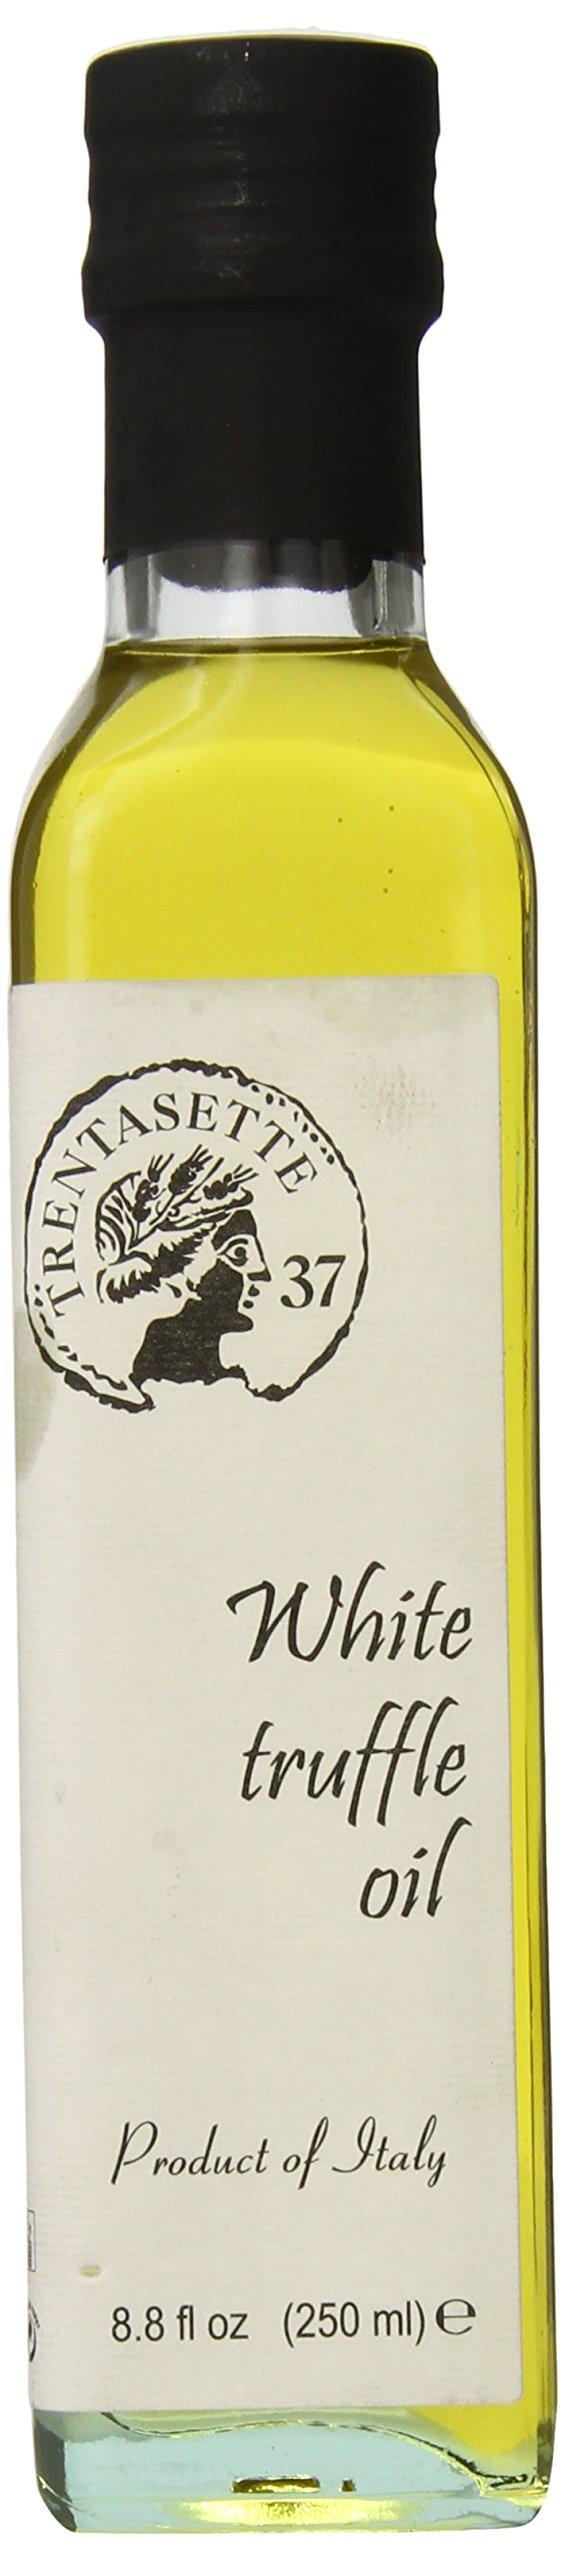 Trentasette White Truffle Oil, 8.8 Ounce by Trentasette